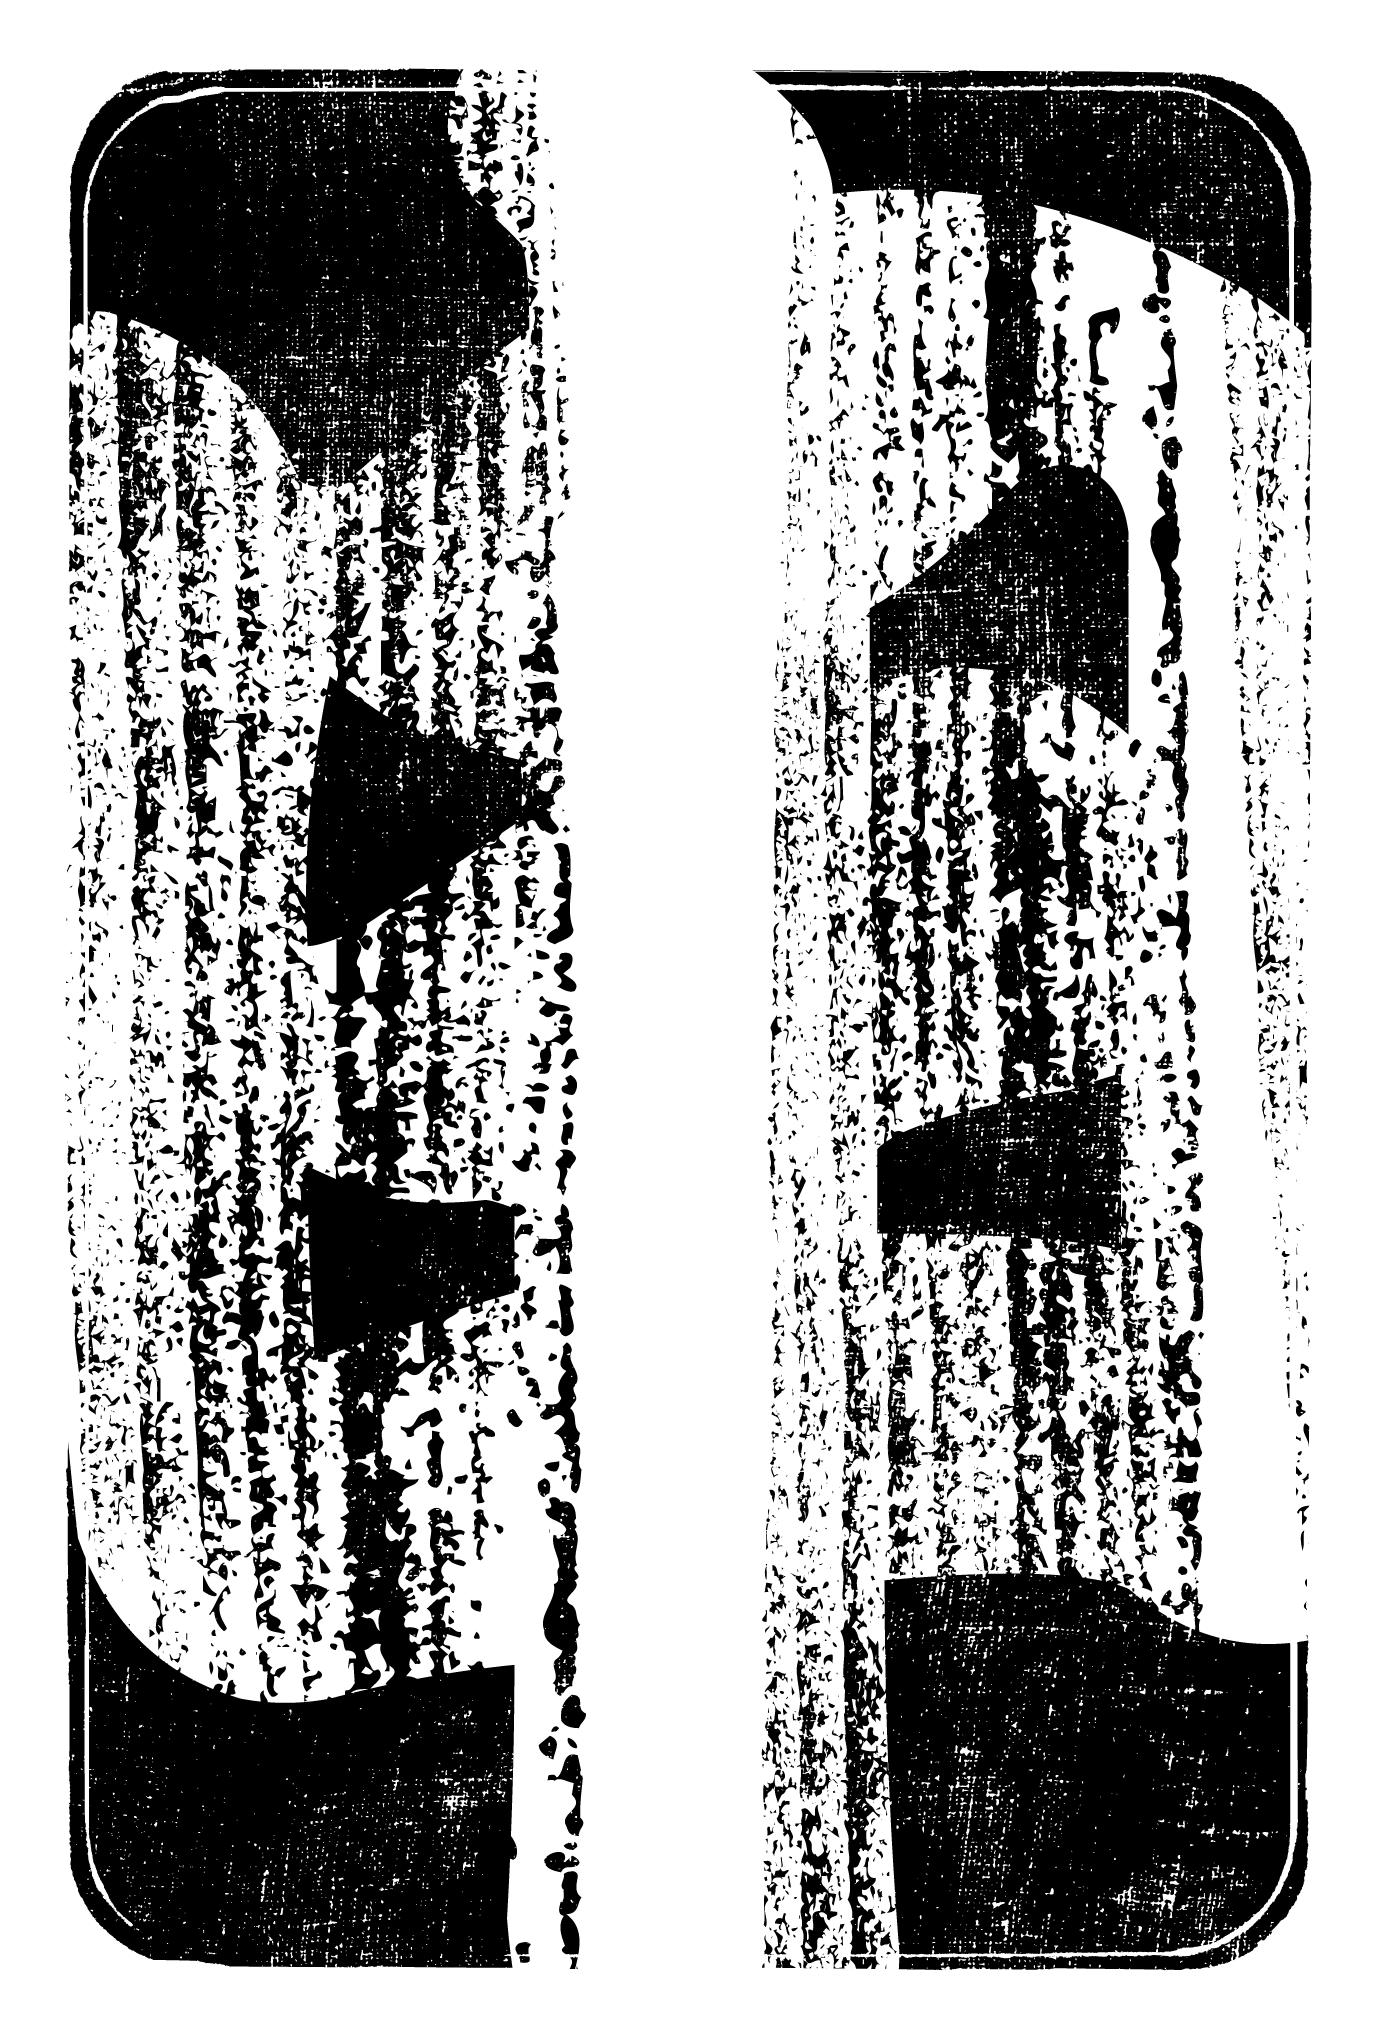 2016年賀状04-3:江戸勘亭流(申)墨のダウンロード画像